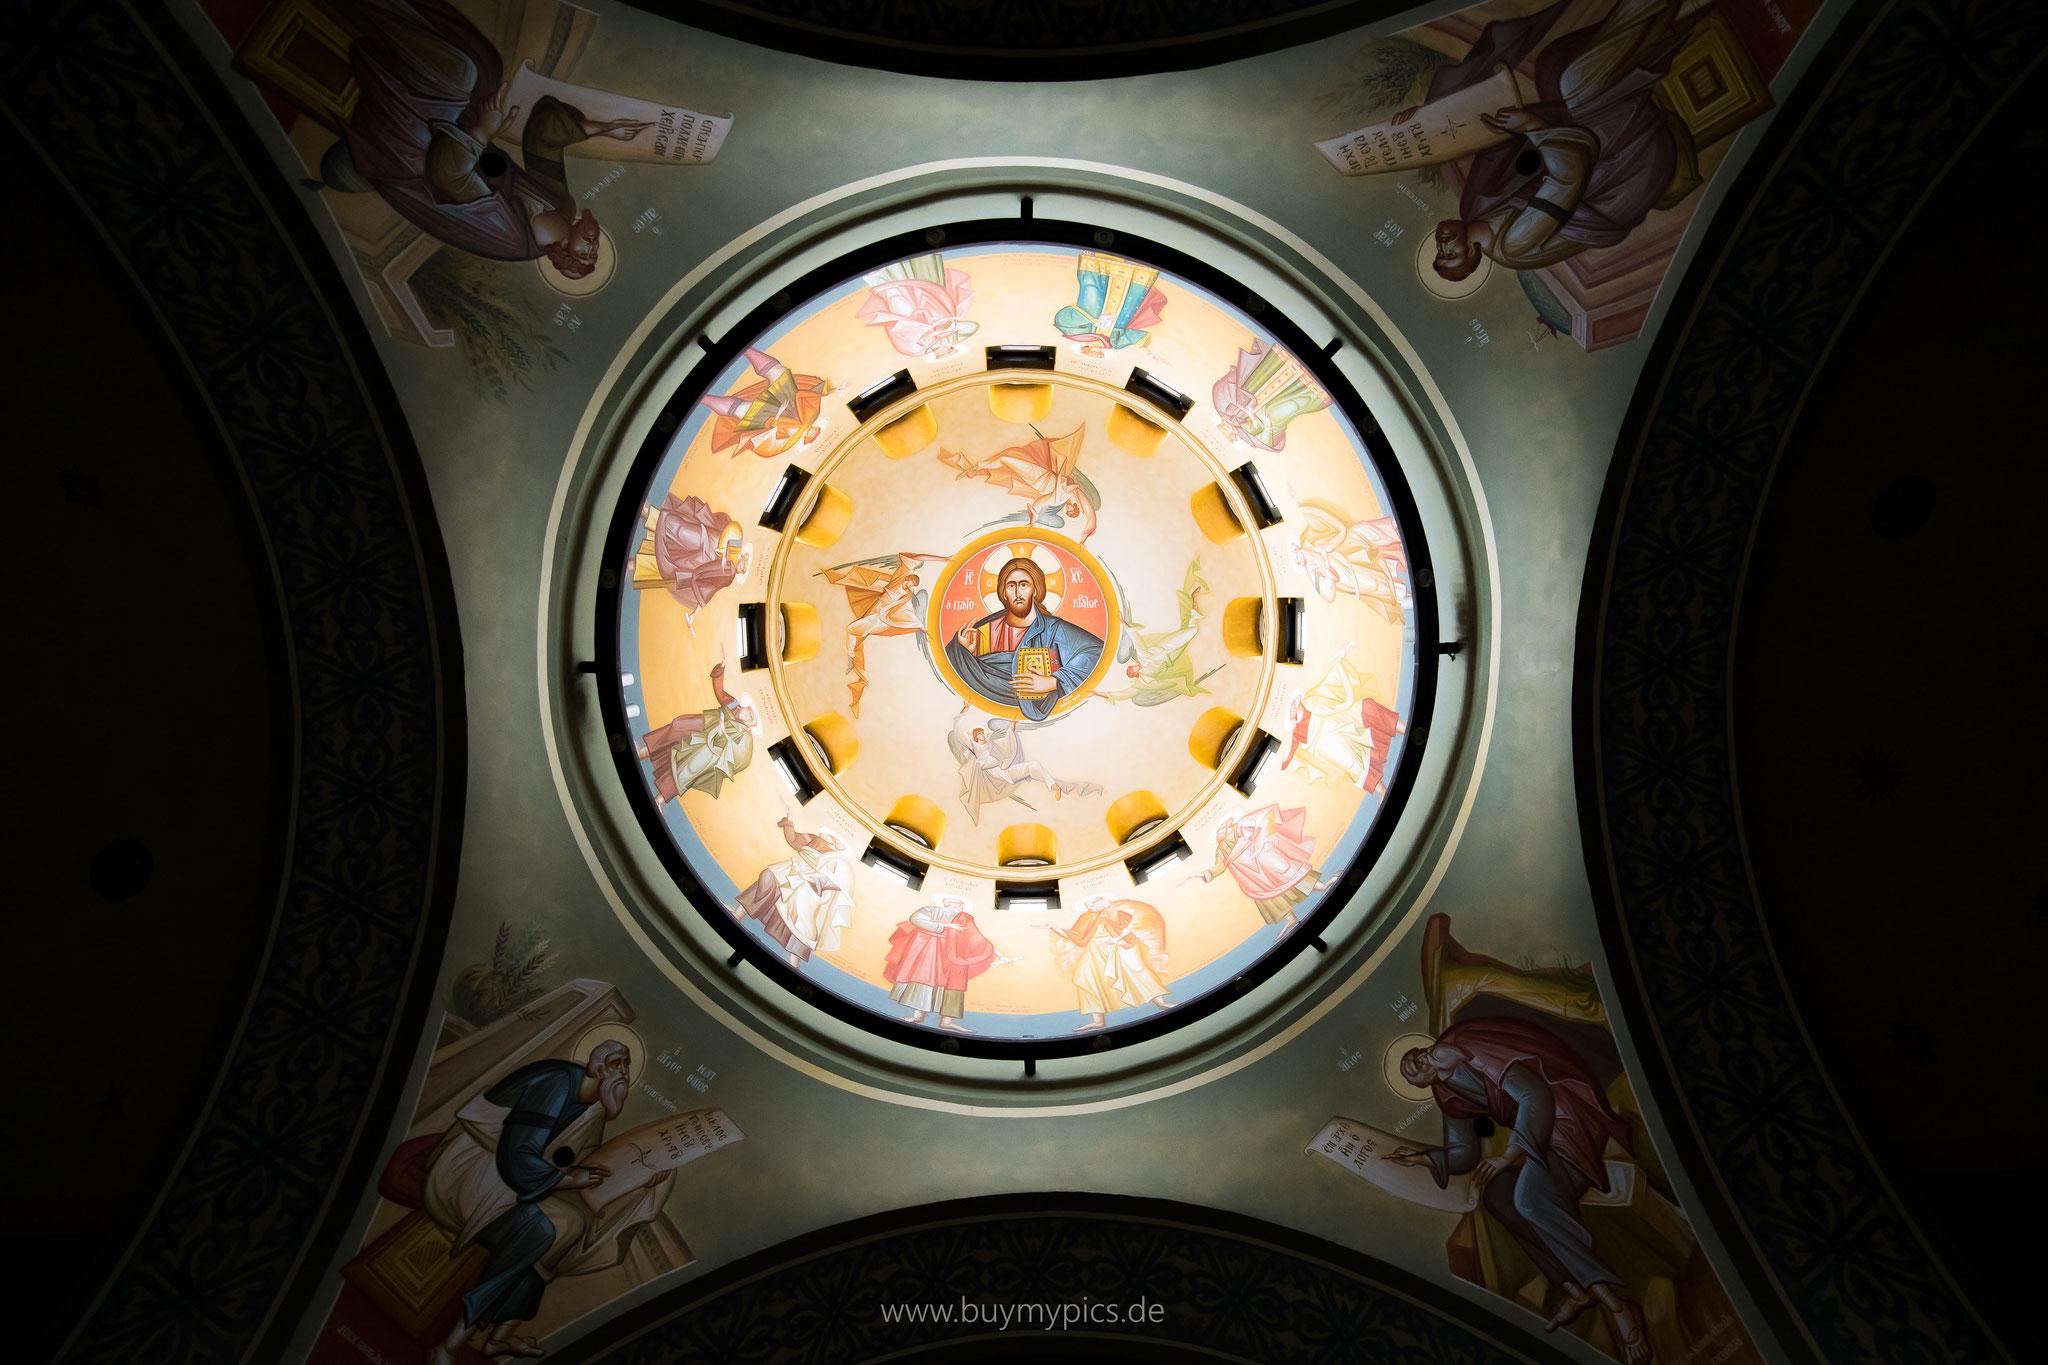 Die Kuppel einer griechisch orthodoxen Kirche in Frankfurt